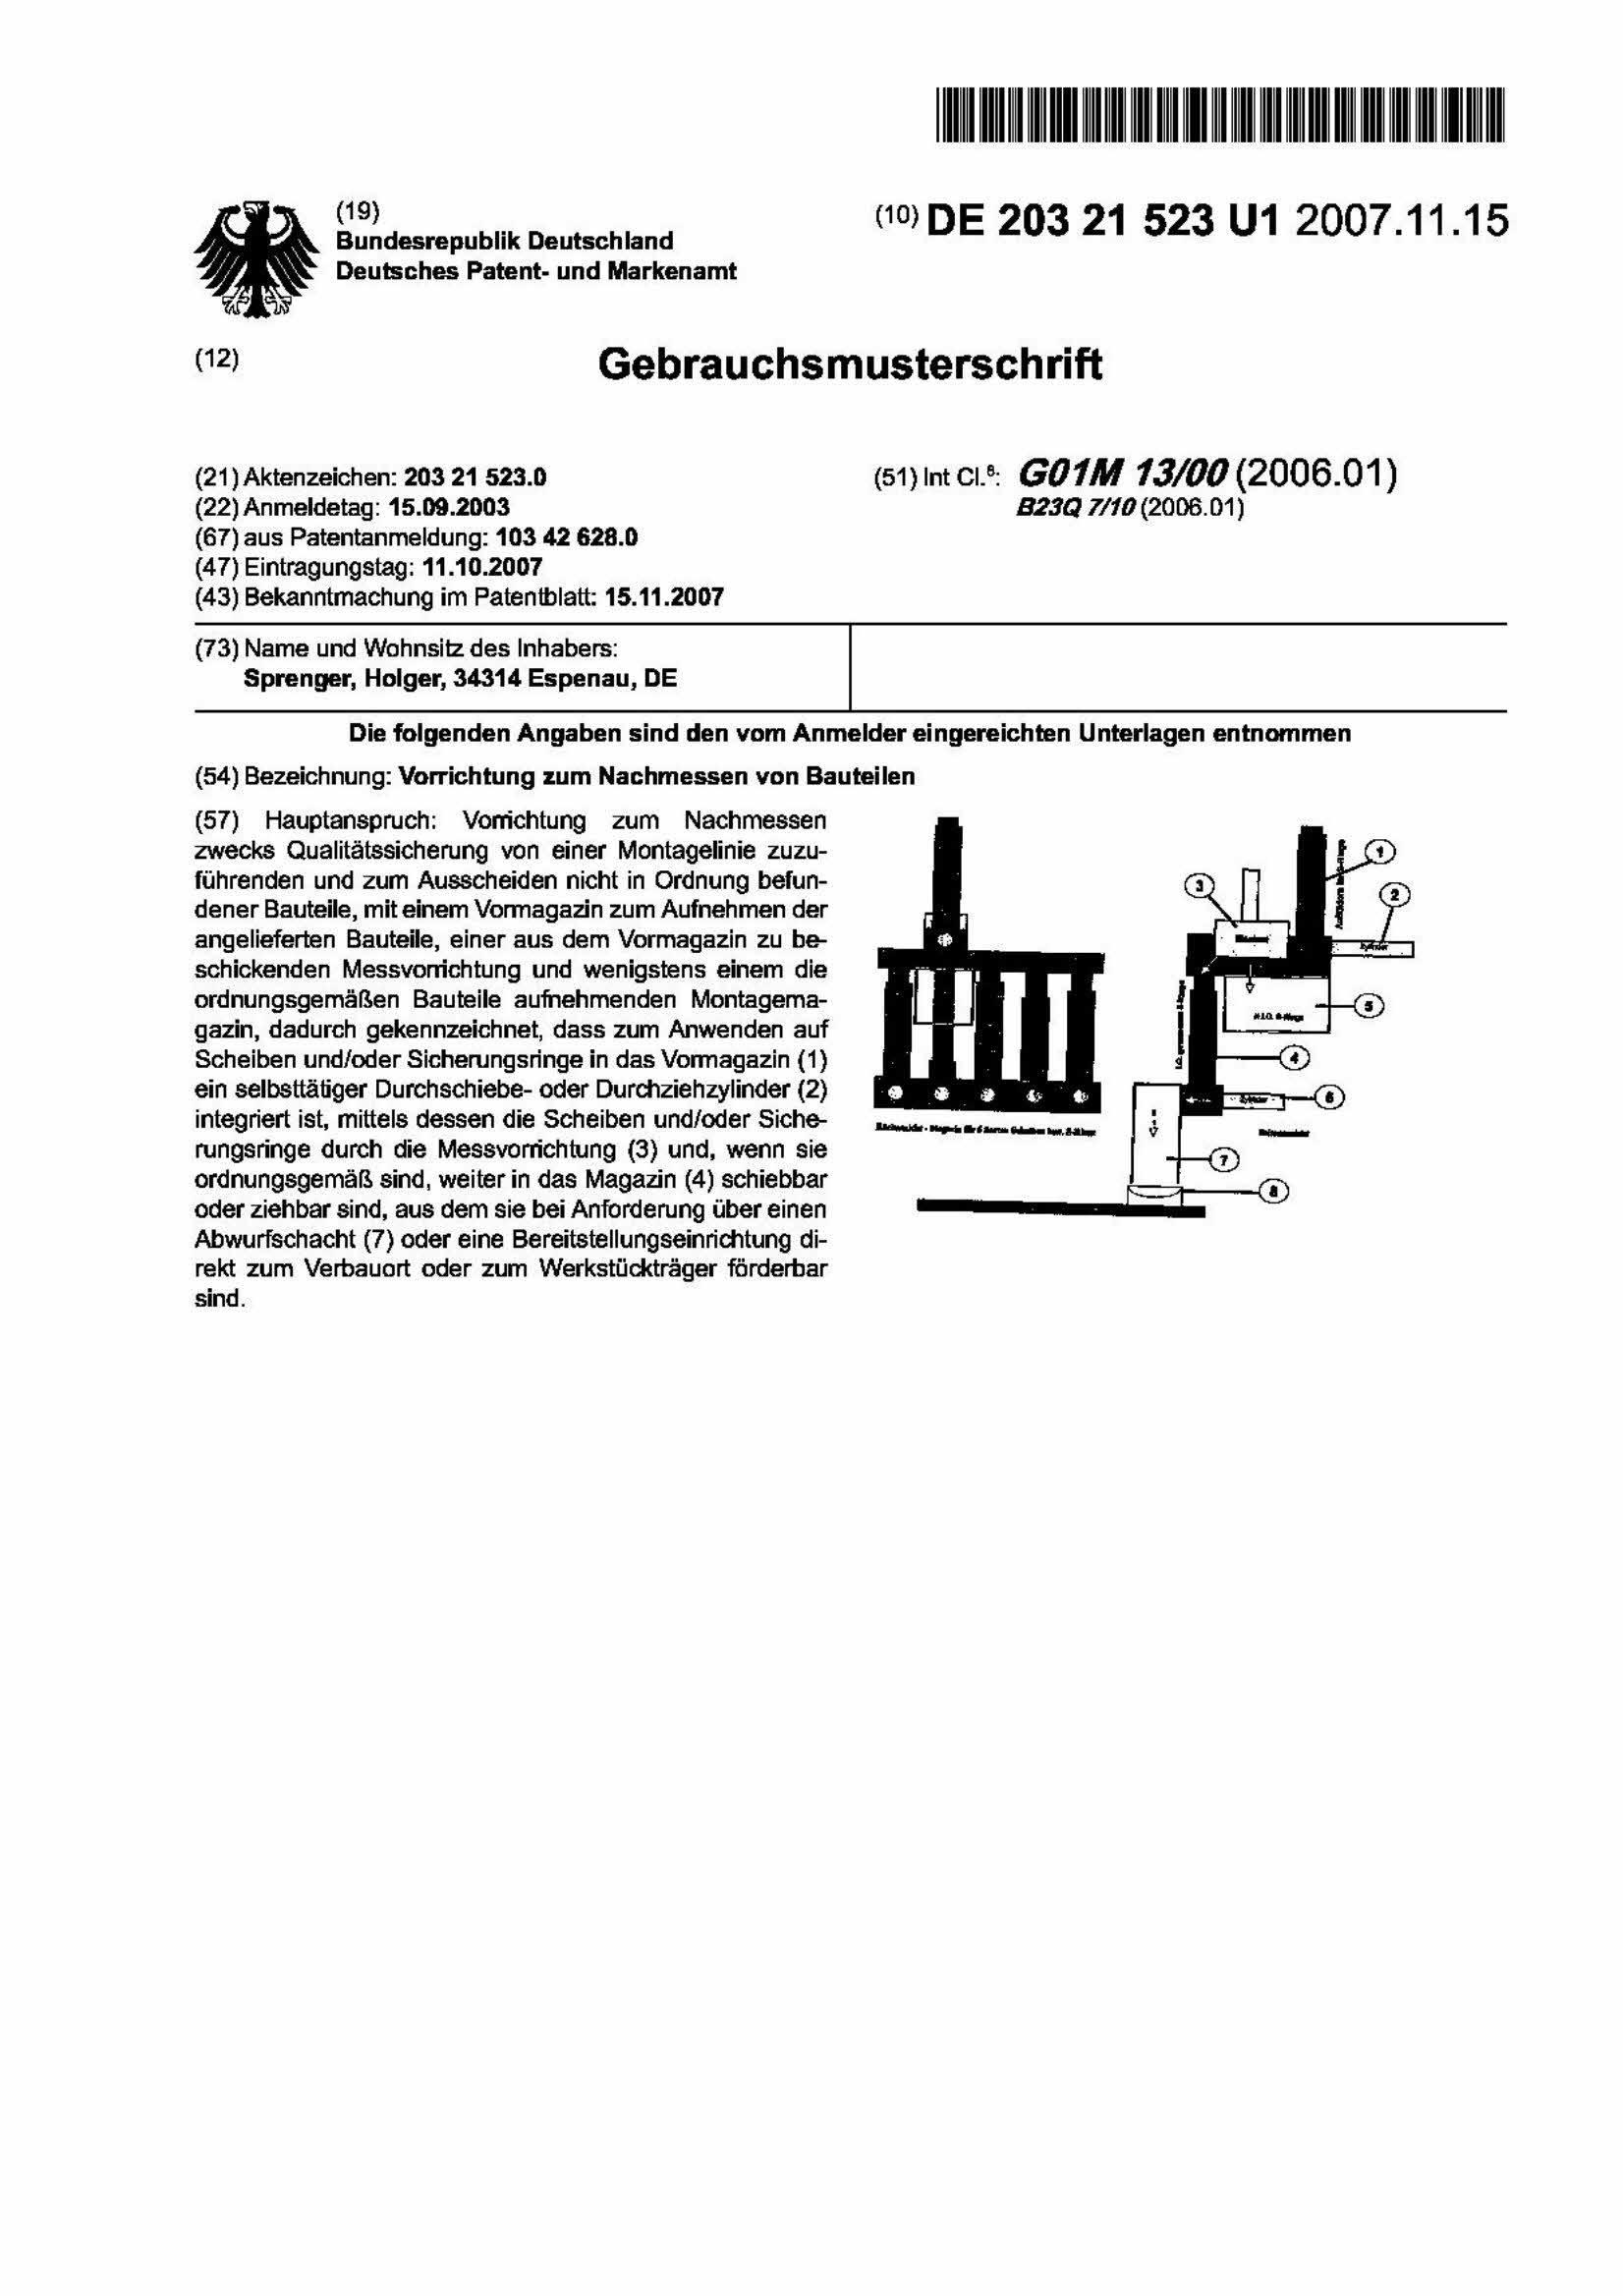 Vorrichtung zum Nachmessen von Bauteilen - Holger Sprenger